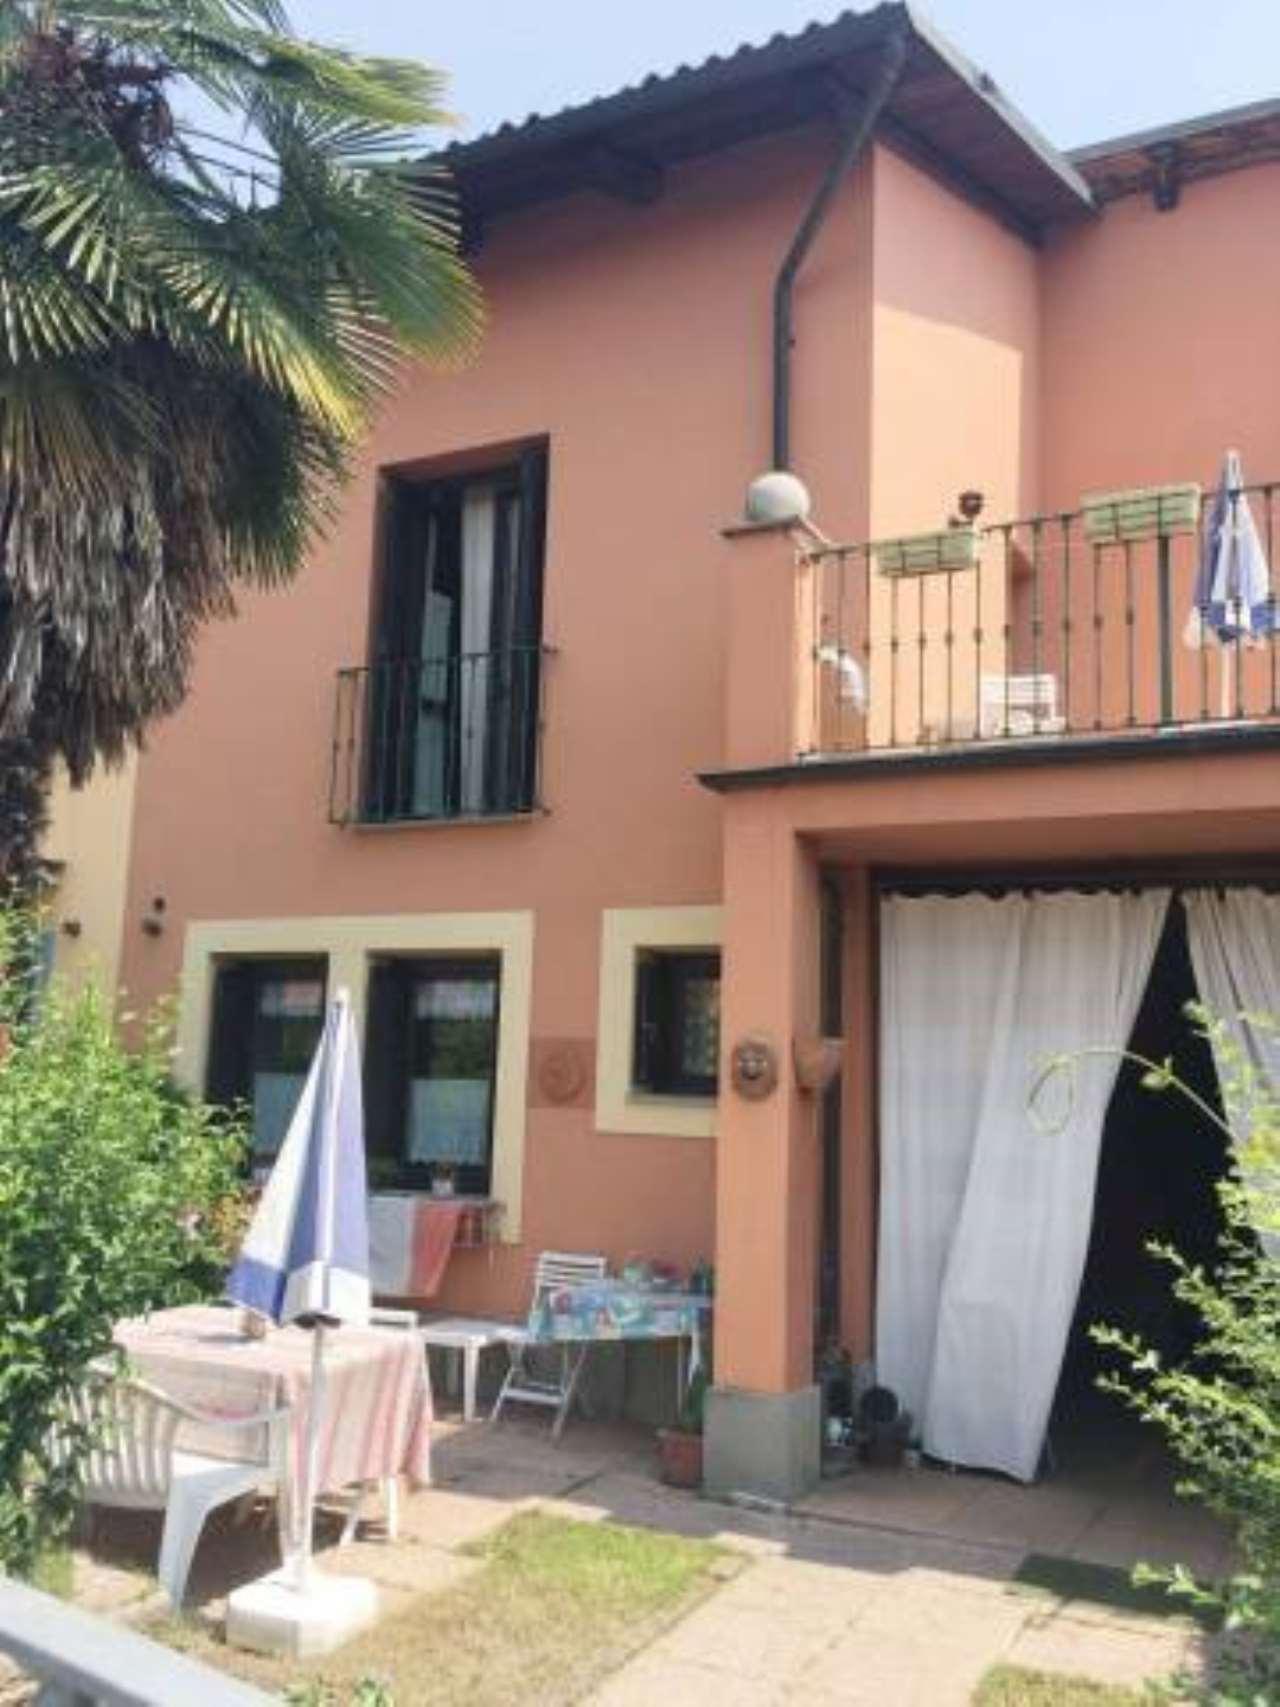 Soluzione Indipendente in vendita a Caselle Torinese, 5 locali, prezzo € 257.000 | CambioCasa.it